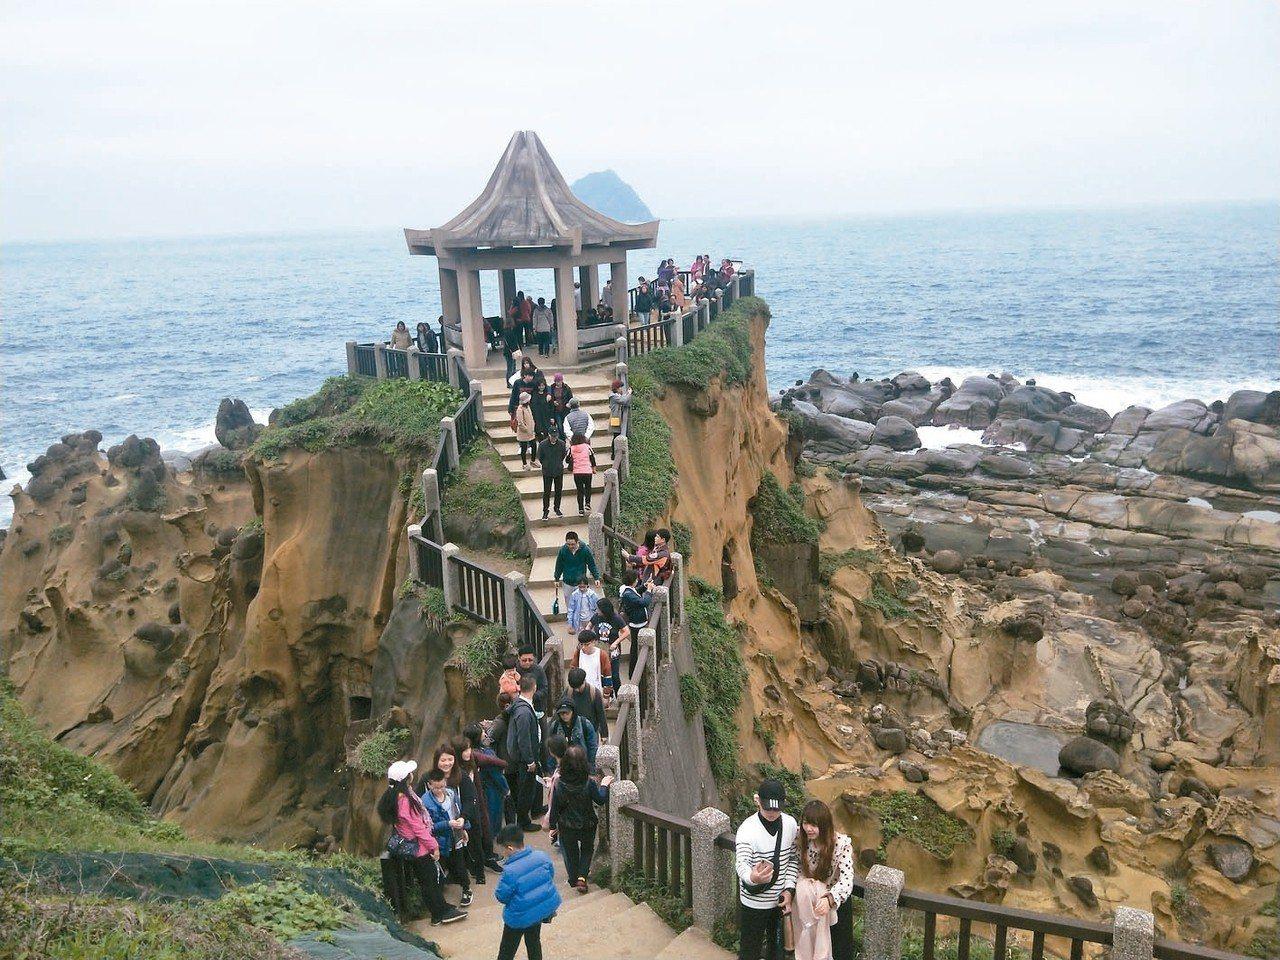 和平島環山臨海步道,在涼亭裡可看見美麗大海與遠方基隆嶼,是離島嶼最近的距離。 記...